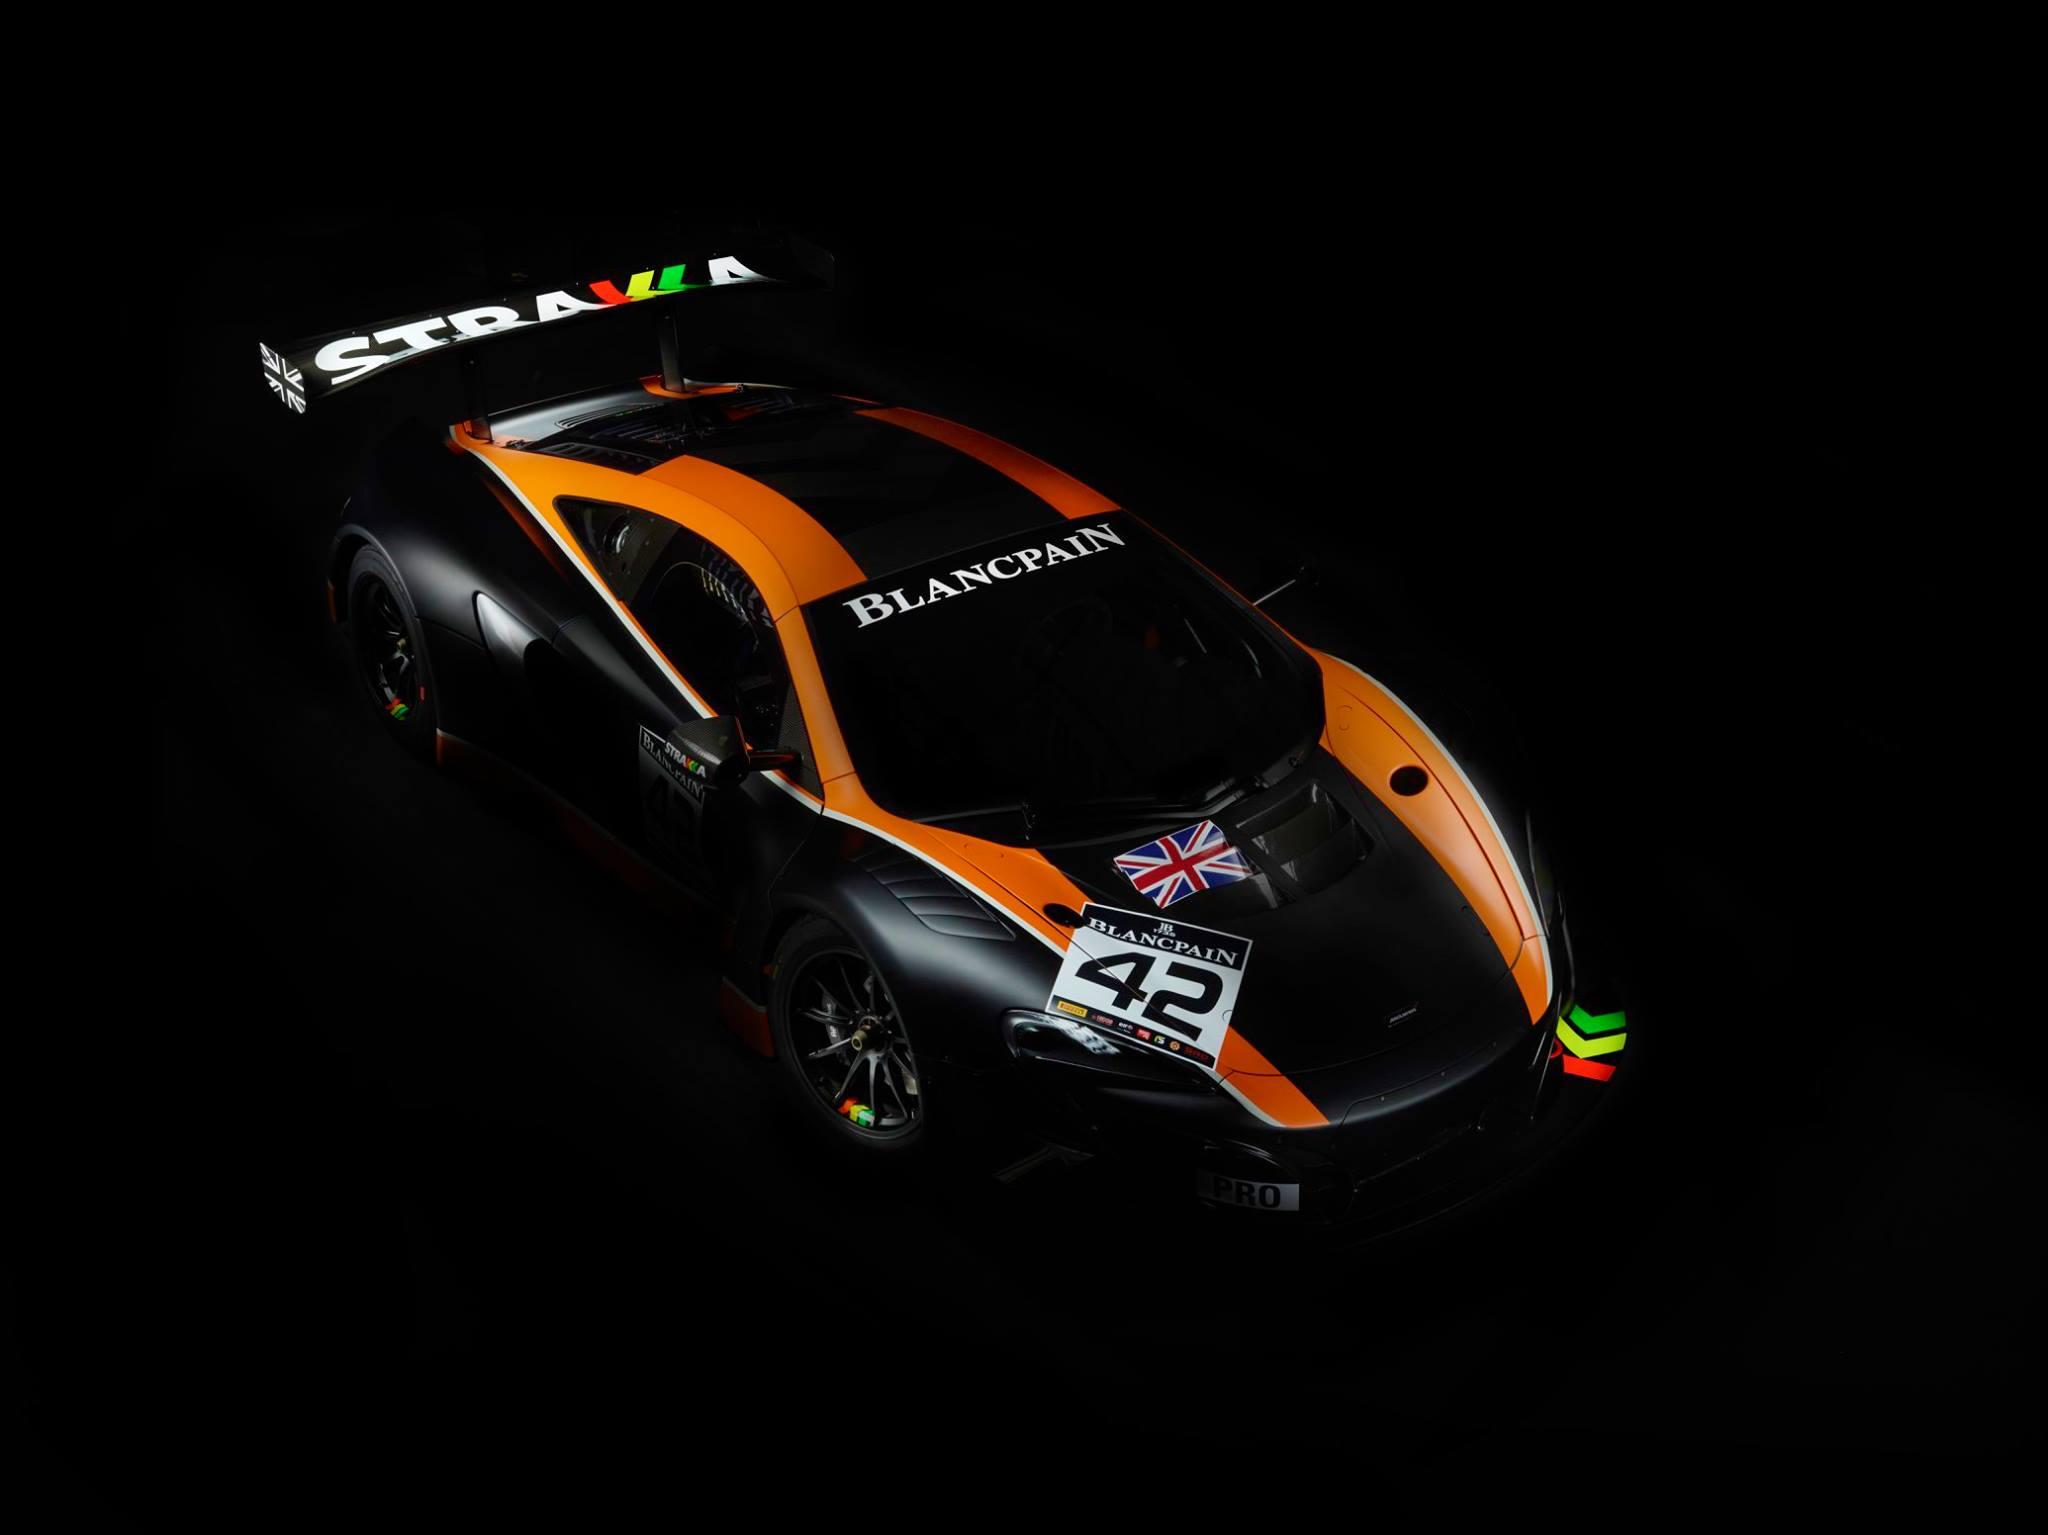 Strakka Racing 2017 McLaren GT Photos